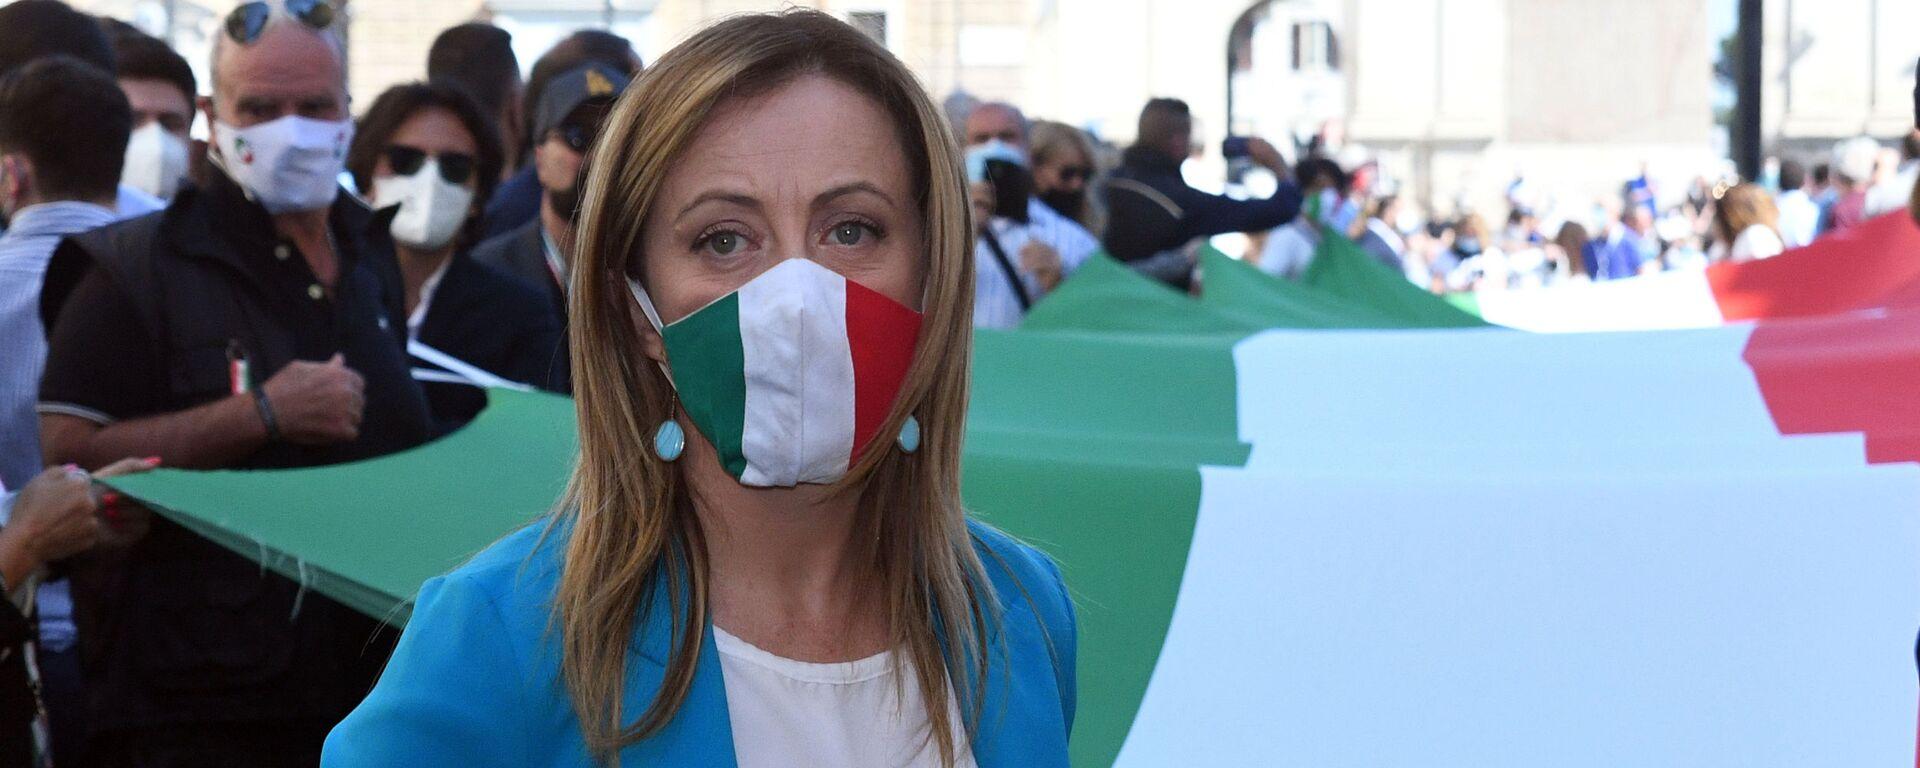 Manifestazione del centro destra con i leader Matteo Salvini, Giorgia Meloni e Antonio Tajani - Sputnik Italia, 1920, 31.01.2021